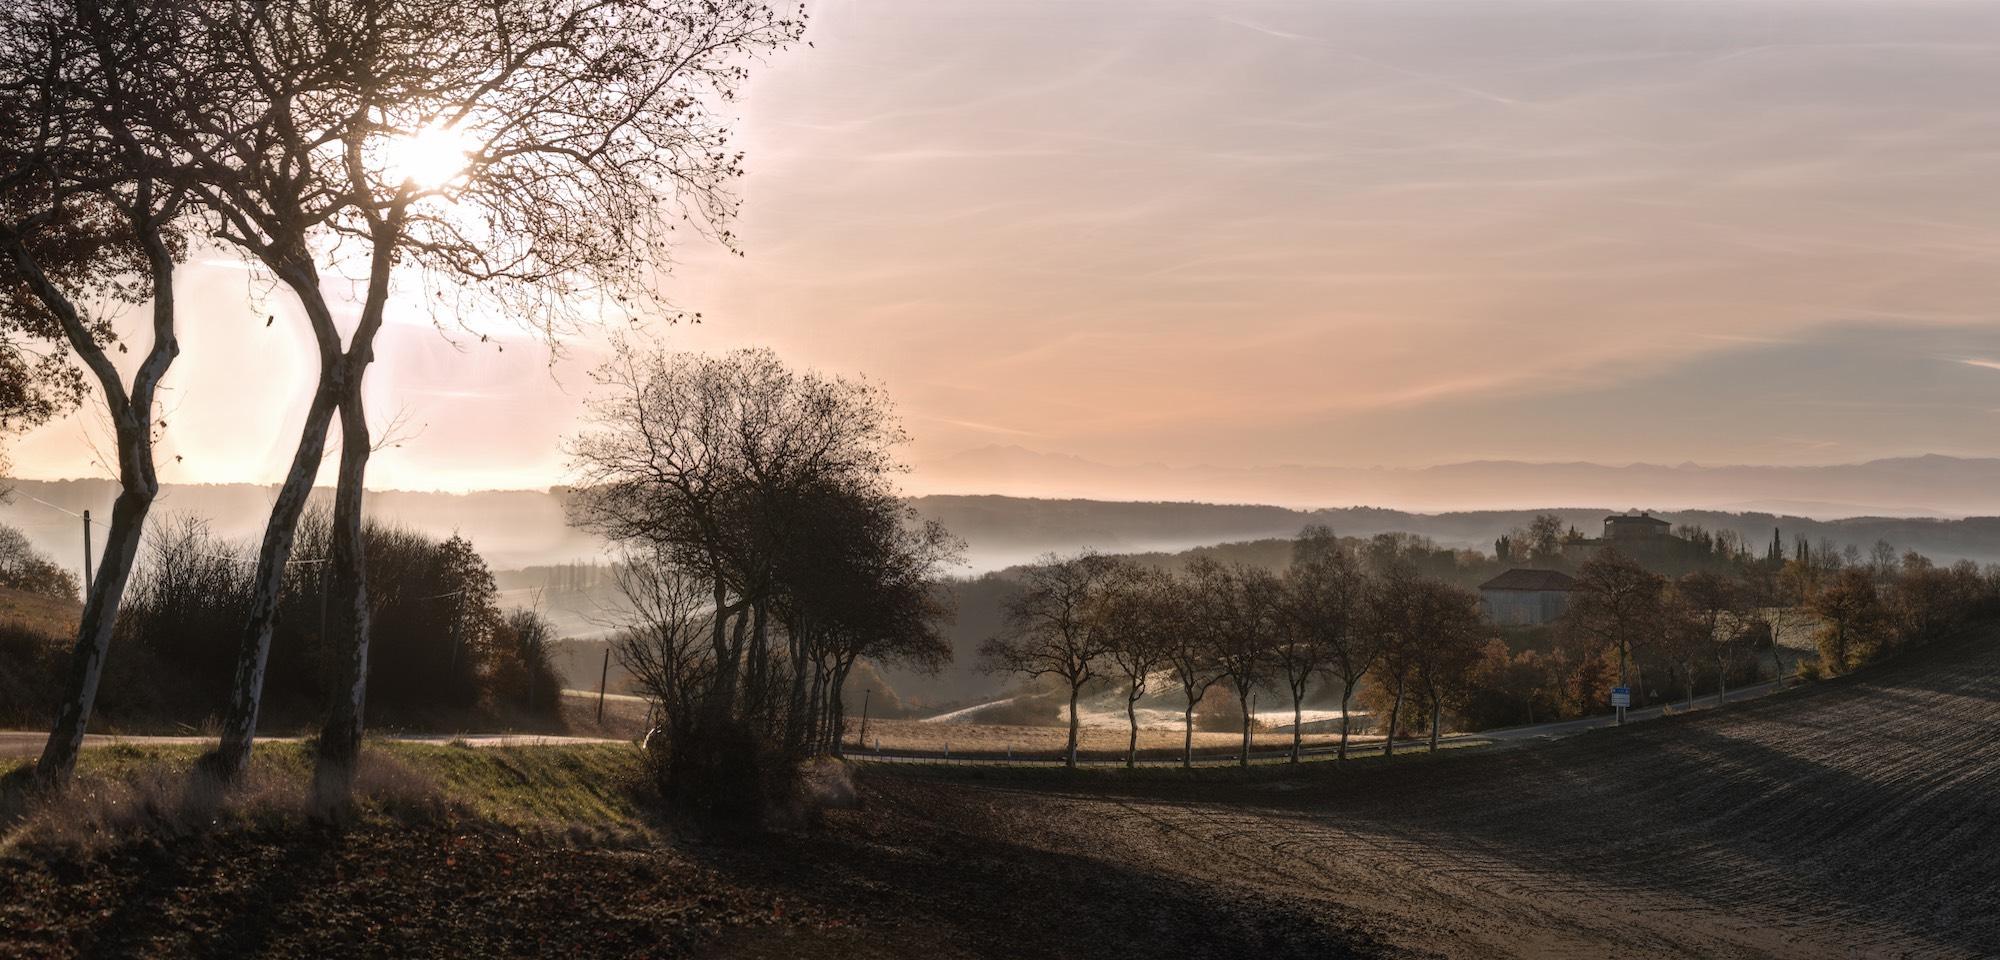 lever de soleil gers jeune confort luxe 2000x960 - Gers - Château de Guirauton